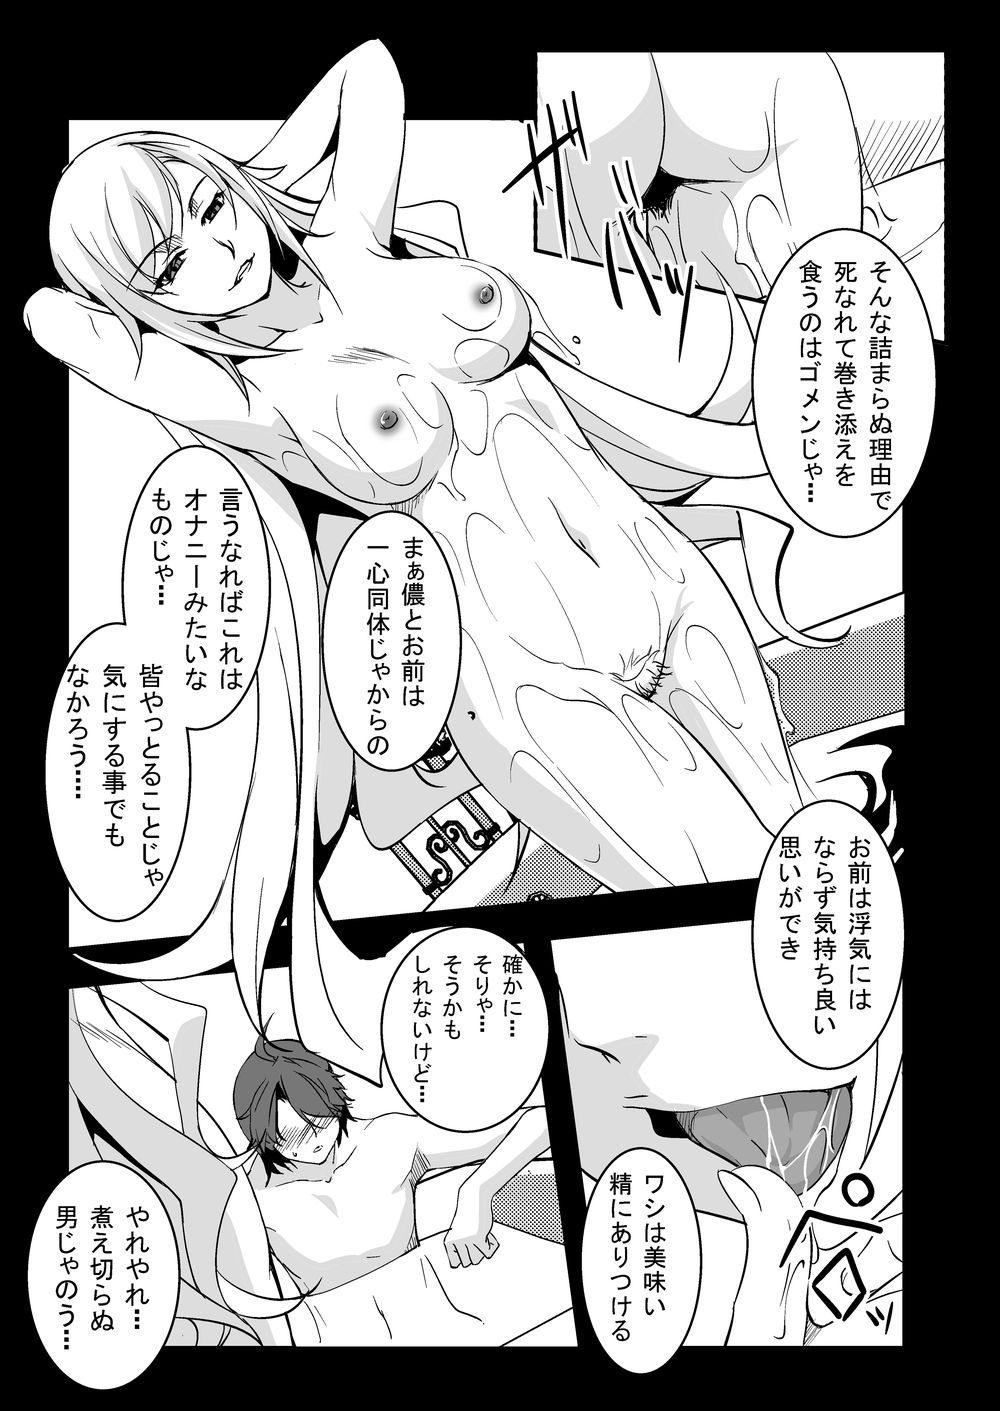 【エロ漫画】阿良々木暦が貧乳ロリ娘の忍野忍を連れだしてフェラチオさせて即勃起して大量ザーメン放出してますwwwww